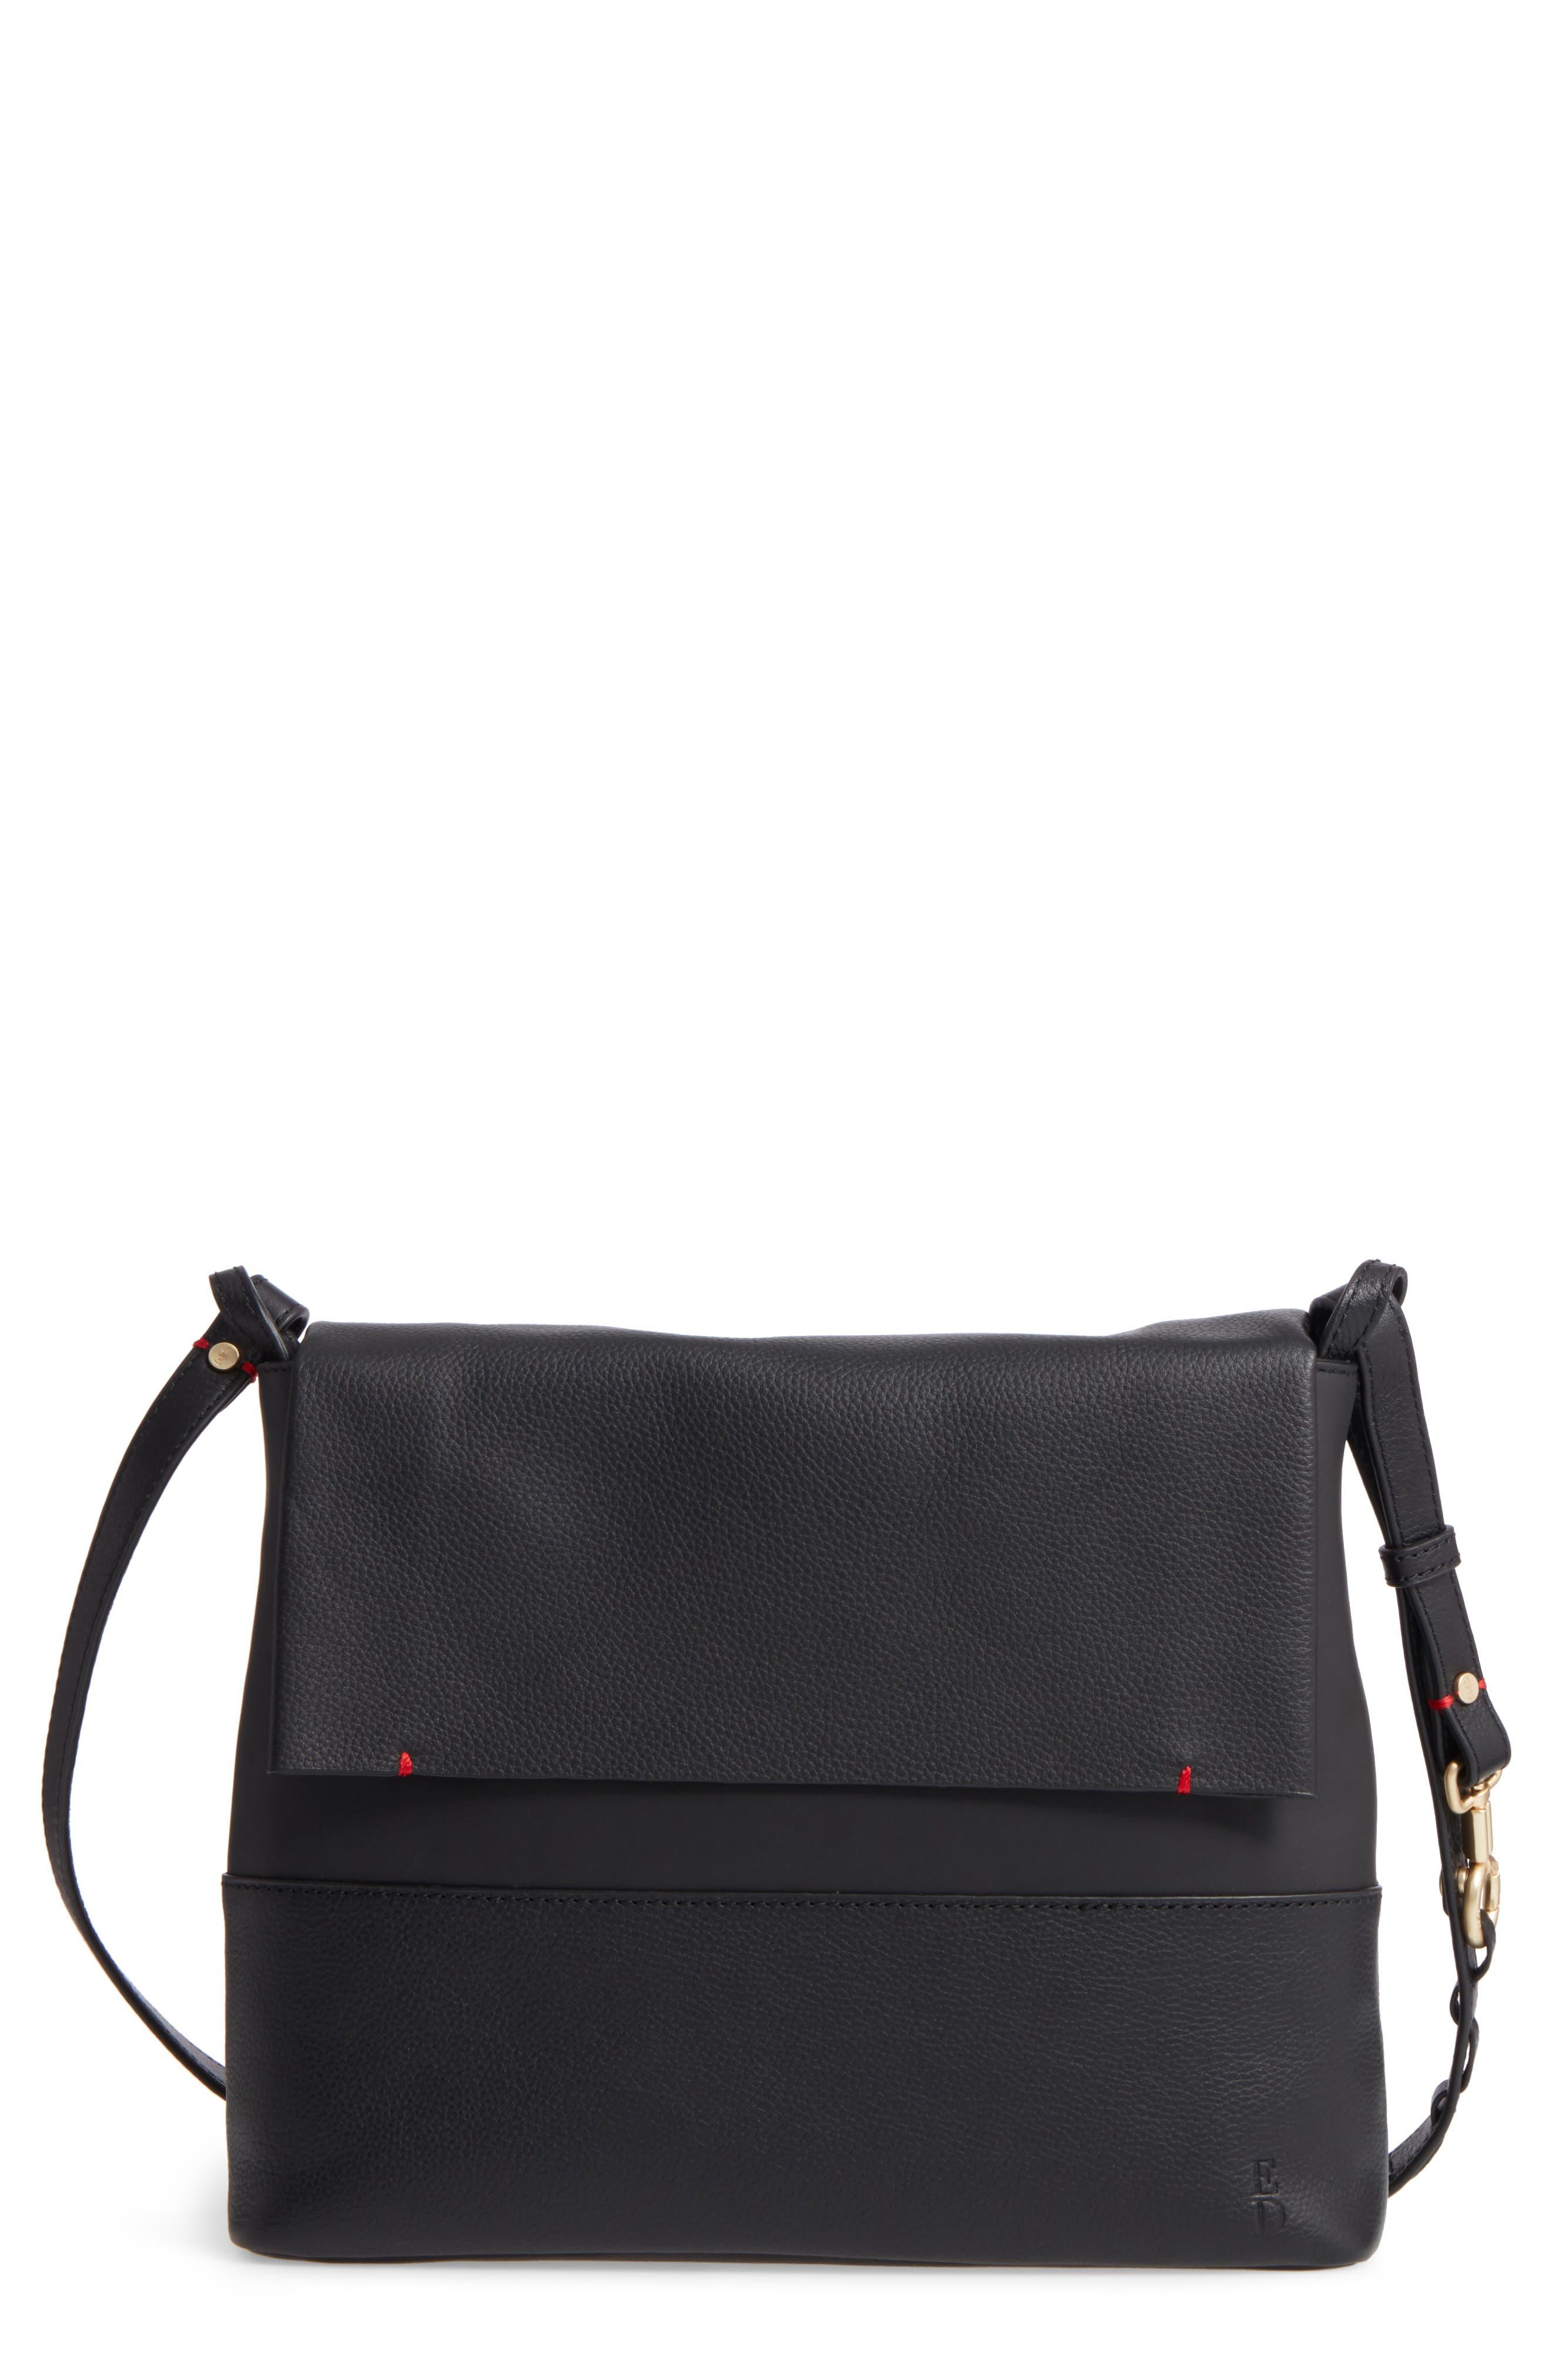 Medium Brea Crossbody Bag,                             Main thumbnail 1, color,                             001